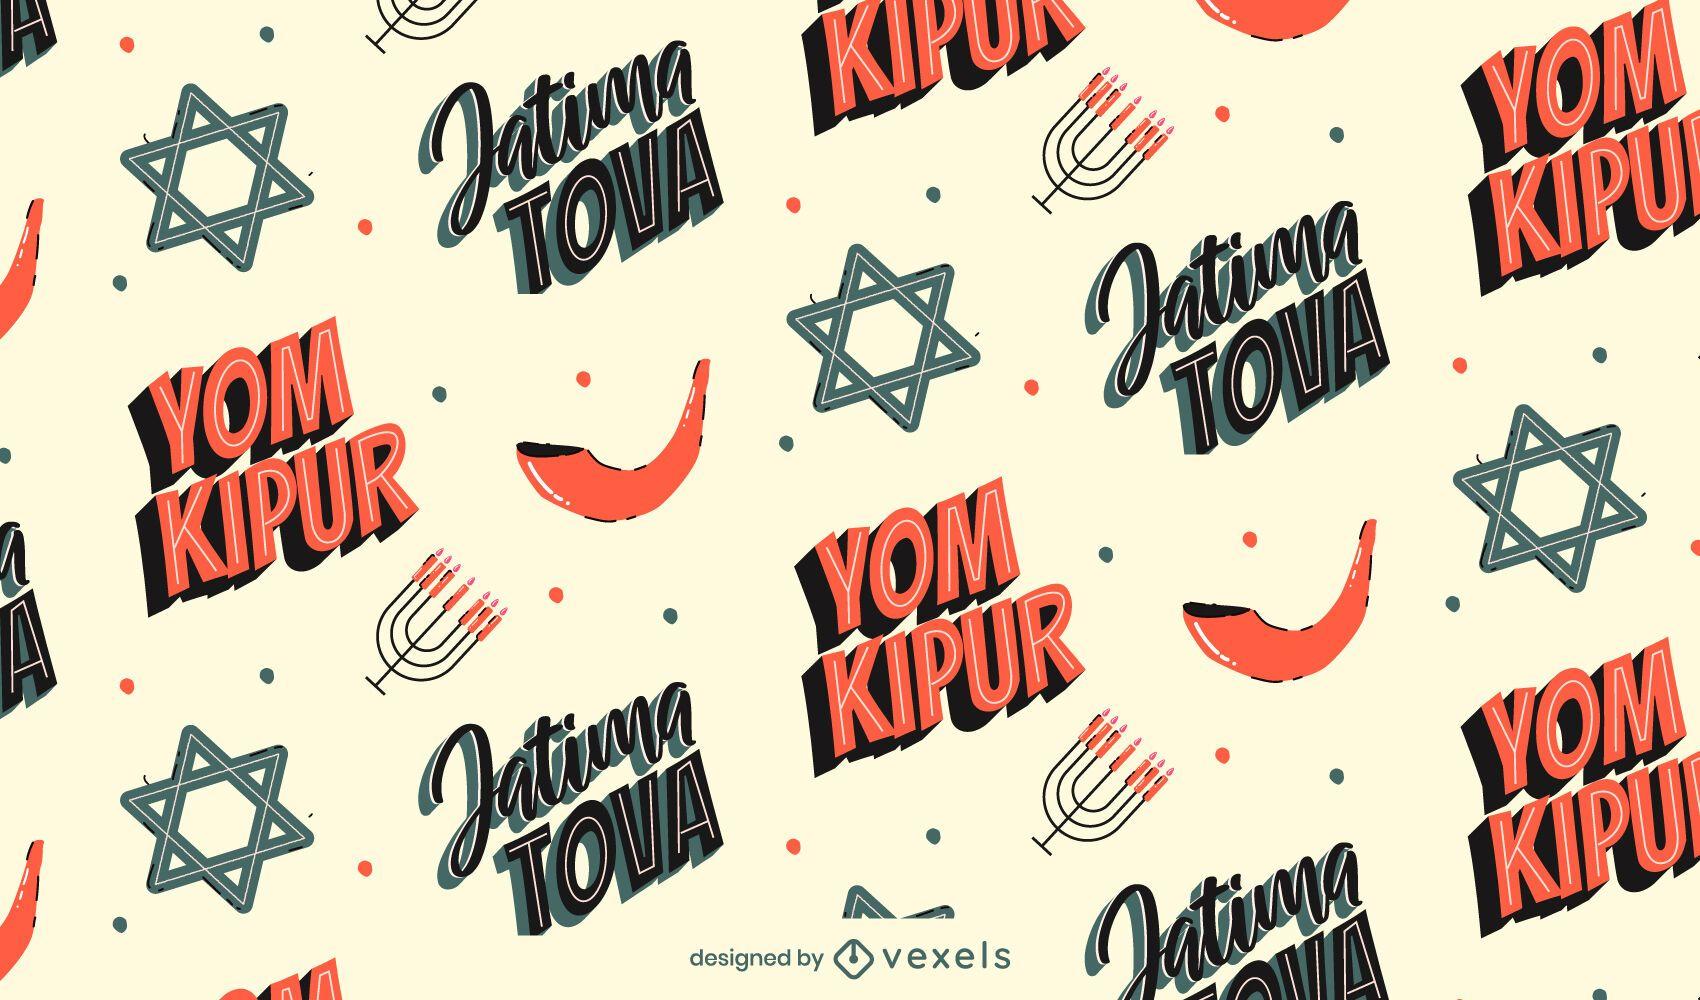 Yom Kippur Pattern Design